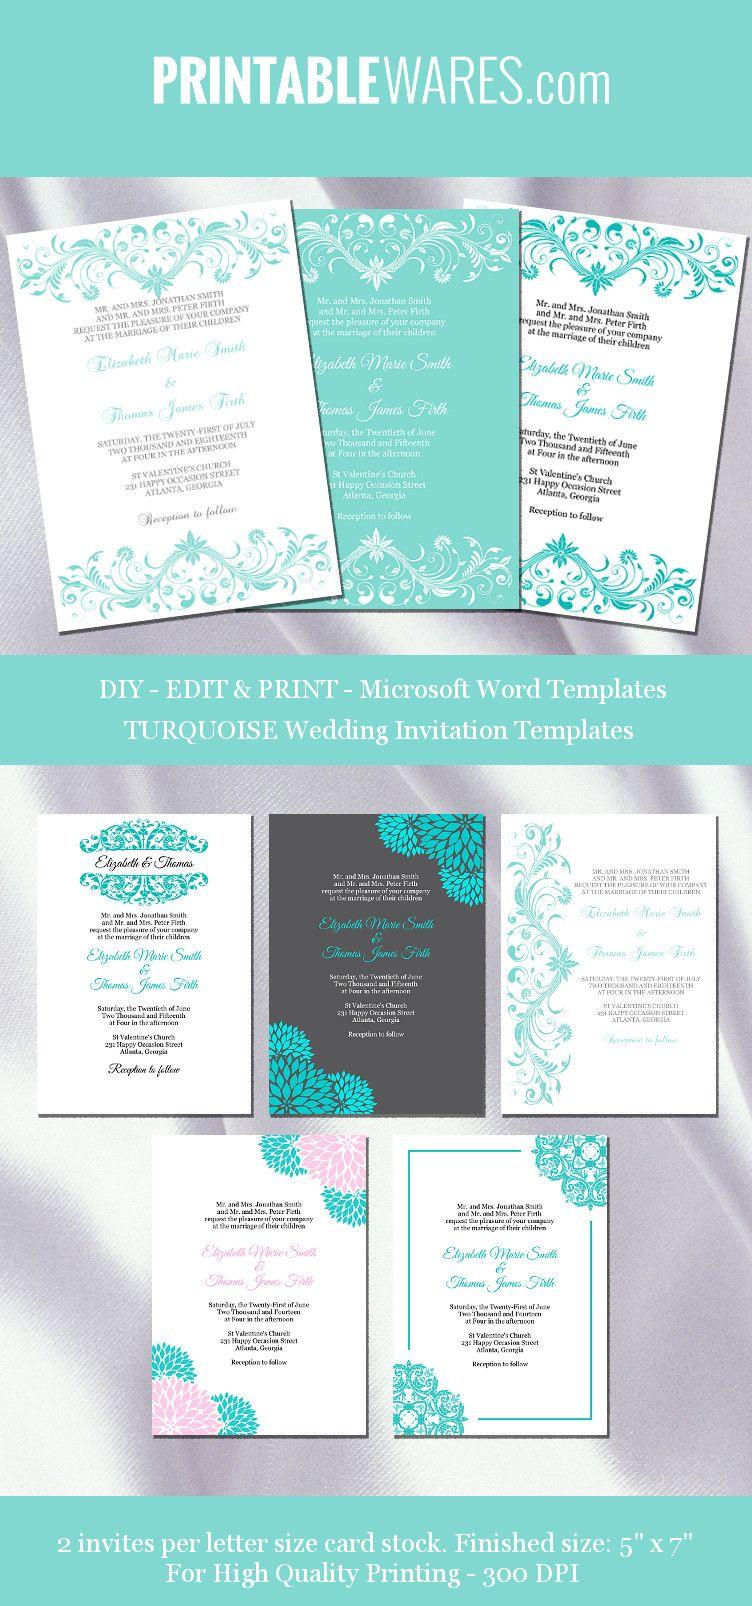 turquoise wedding invitation templates  Turquoise wedding